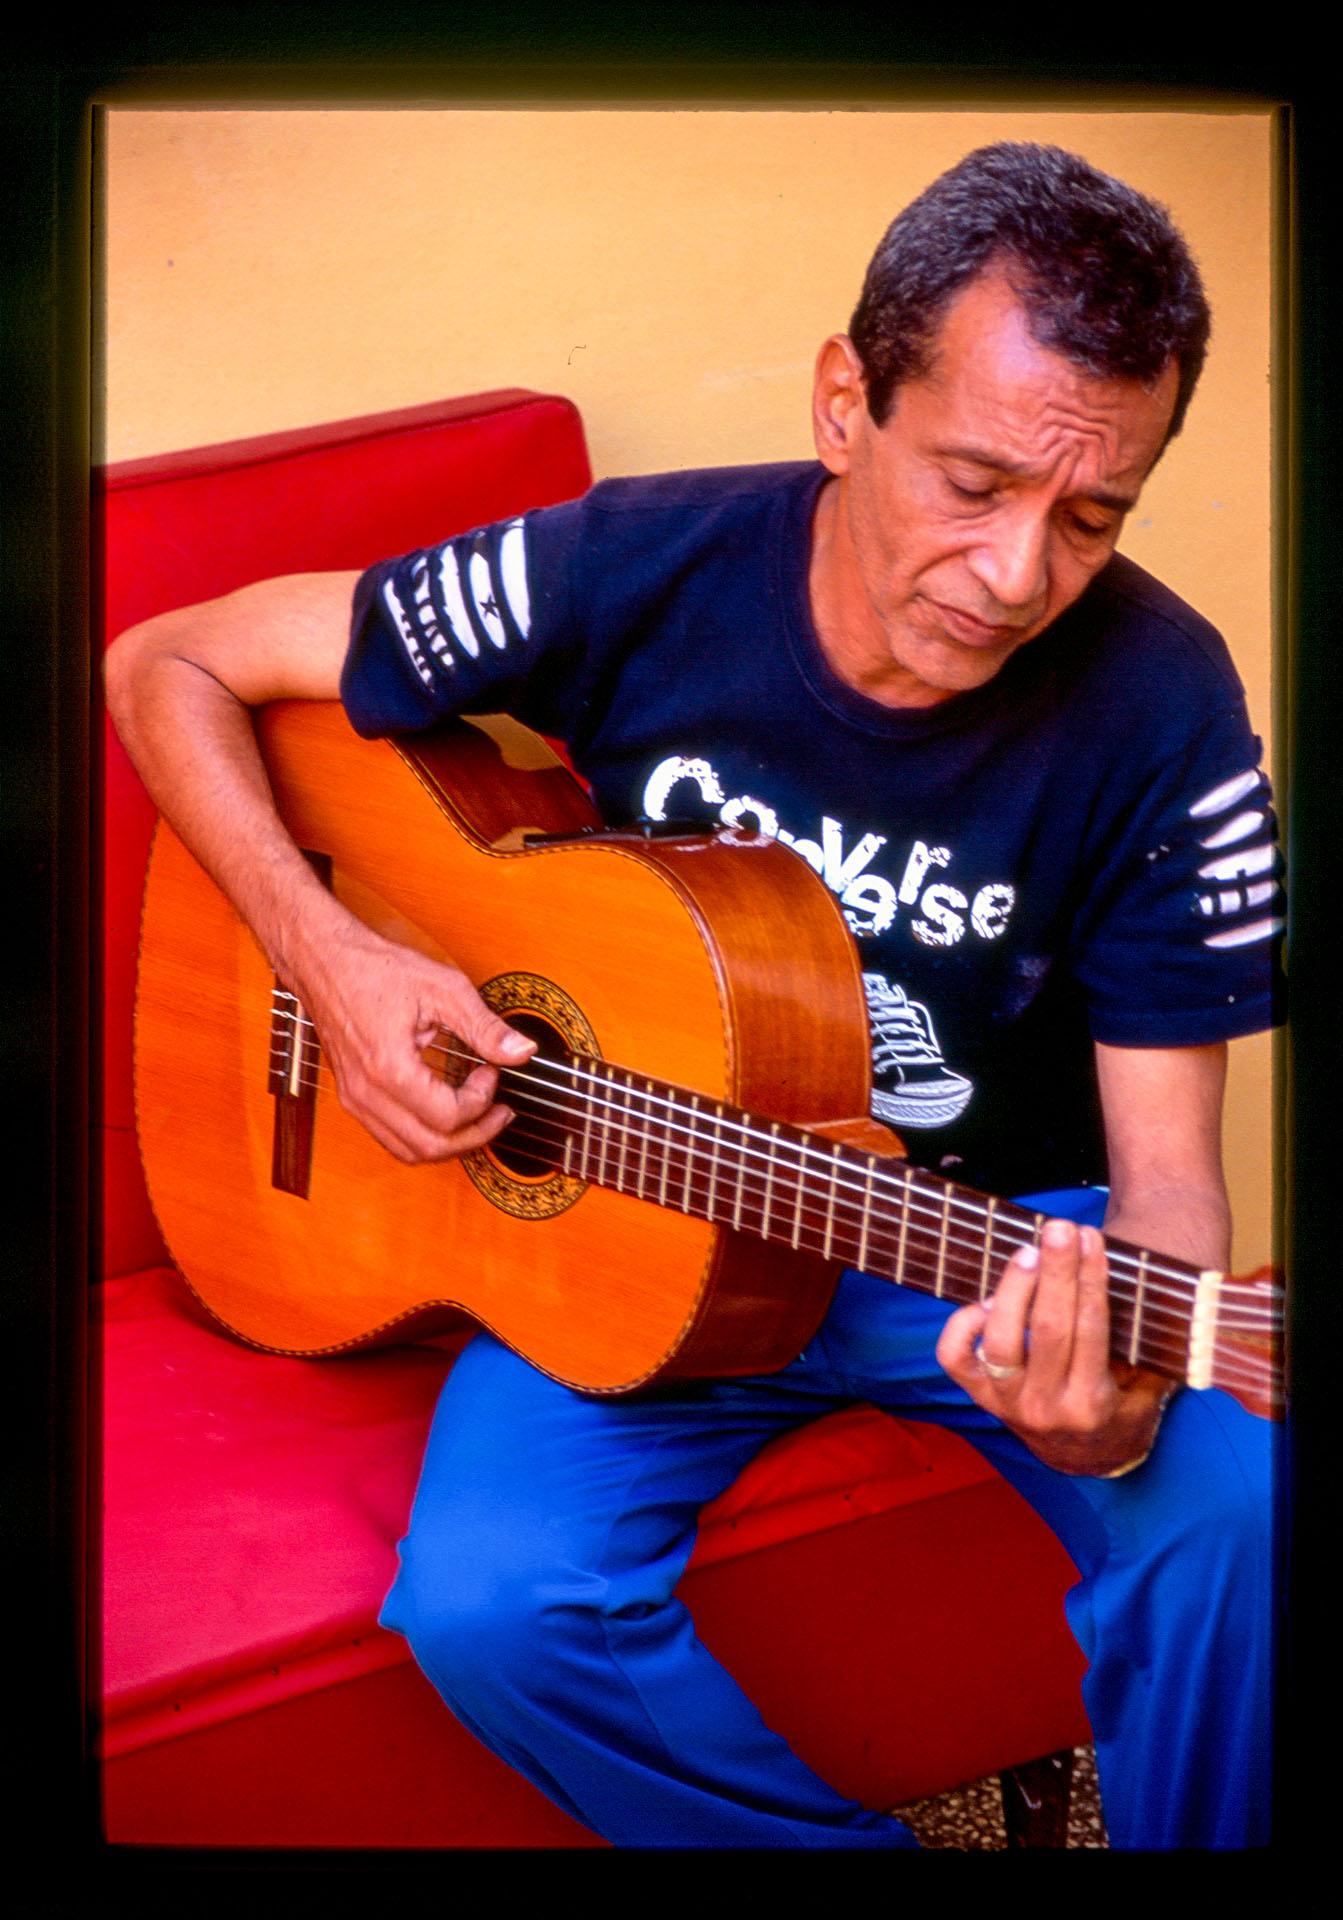 pedrito-guitar